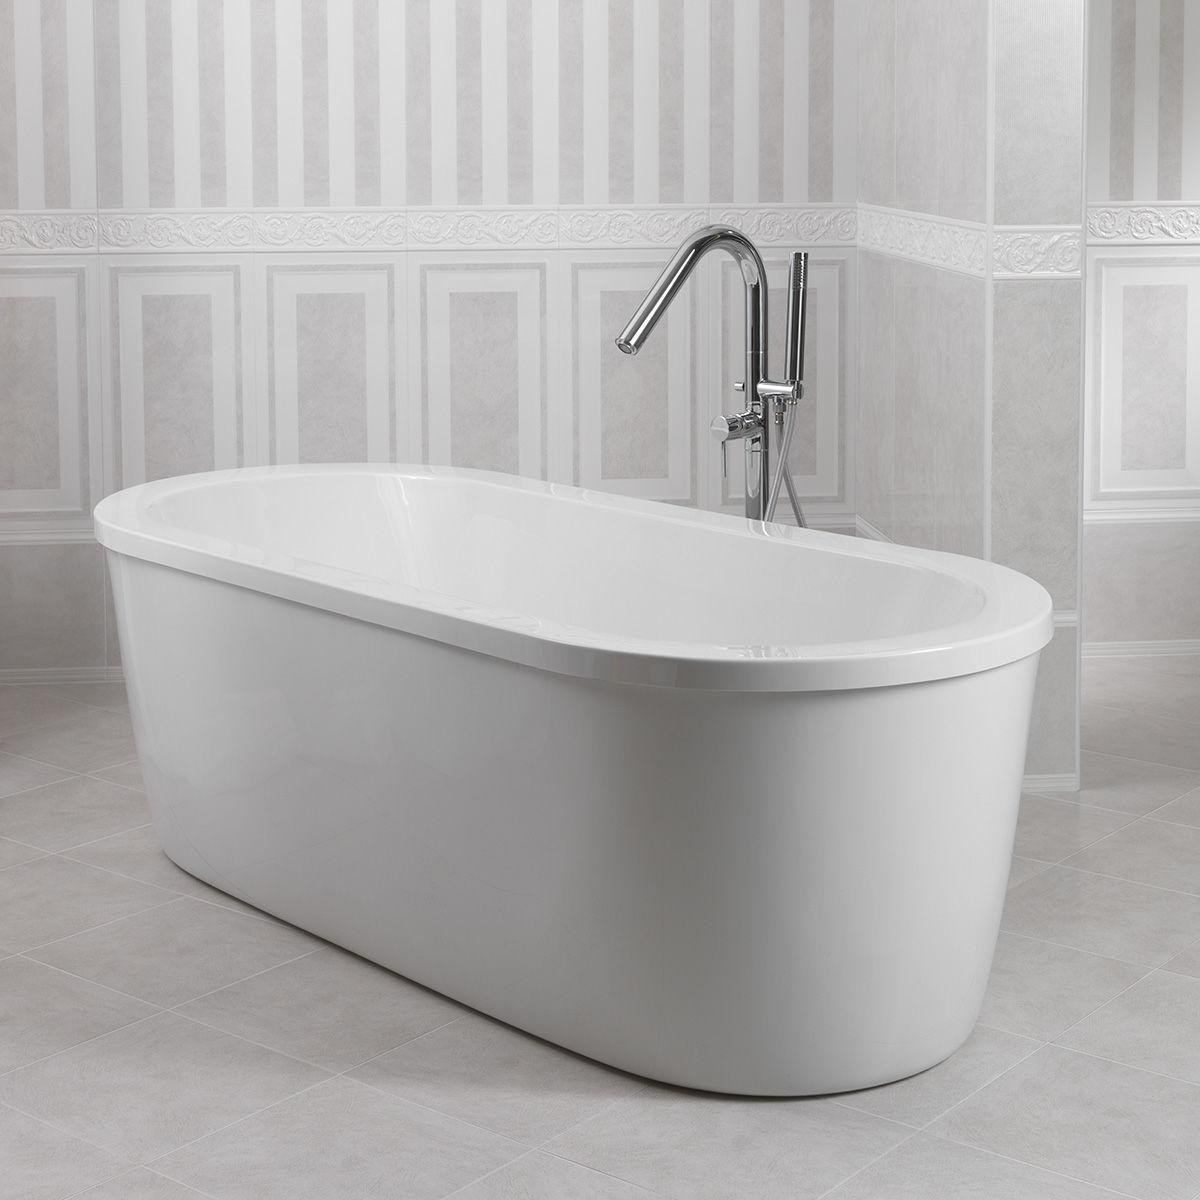 Best vasche da bagno prezzi photos - Ricoprire vasca da bagno prezzi ...